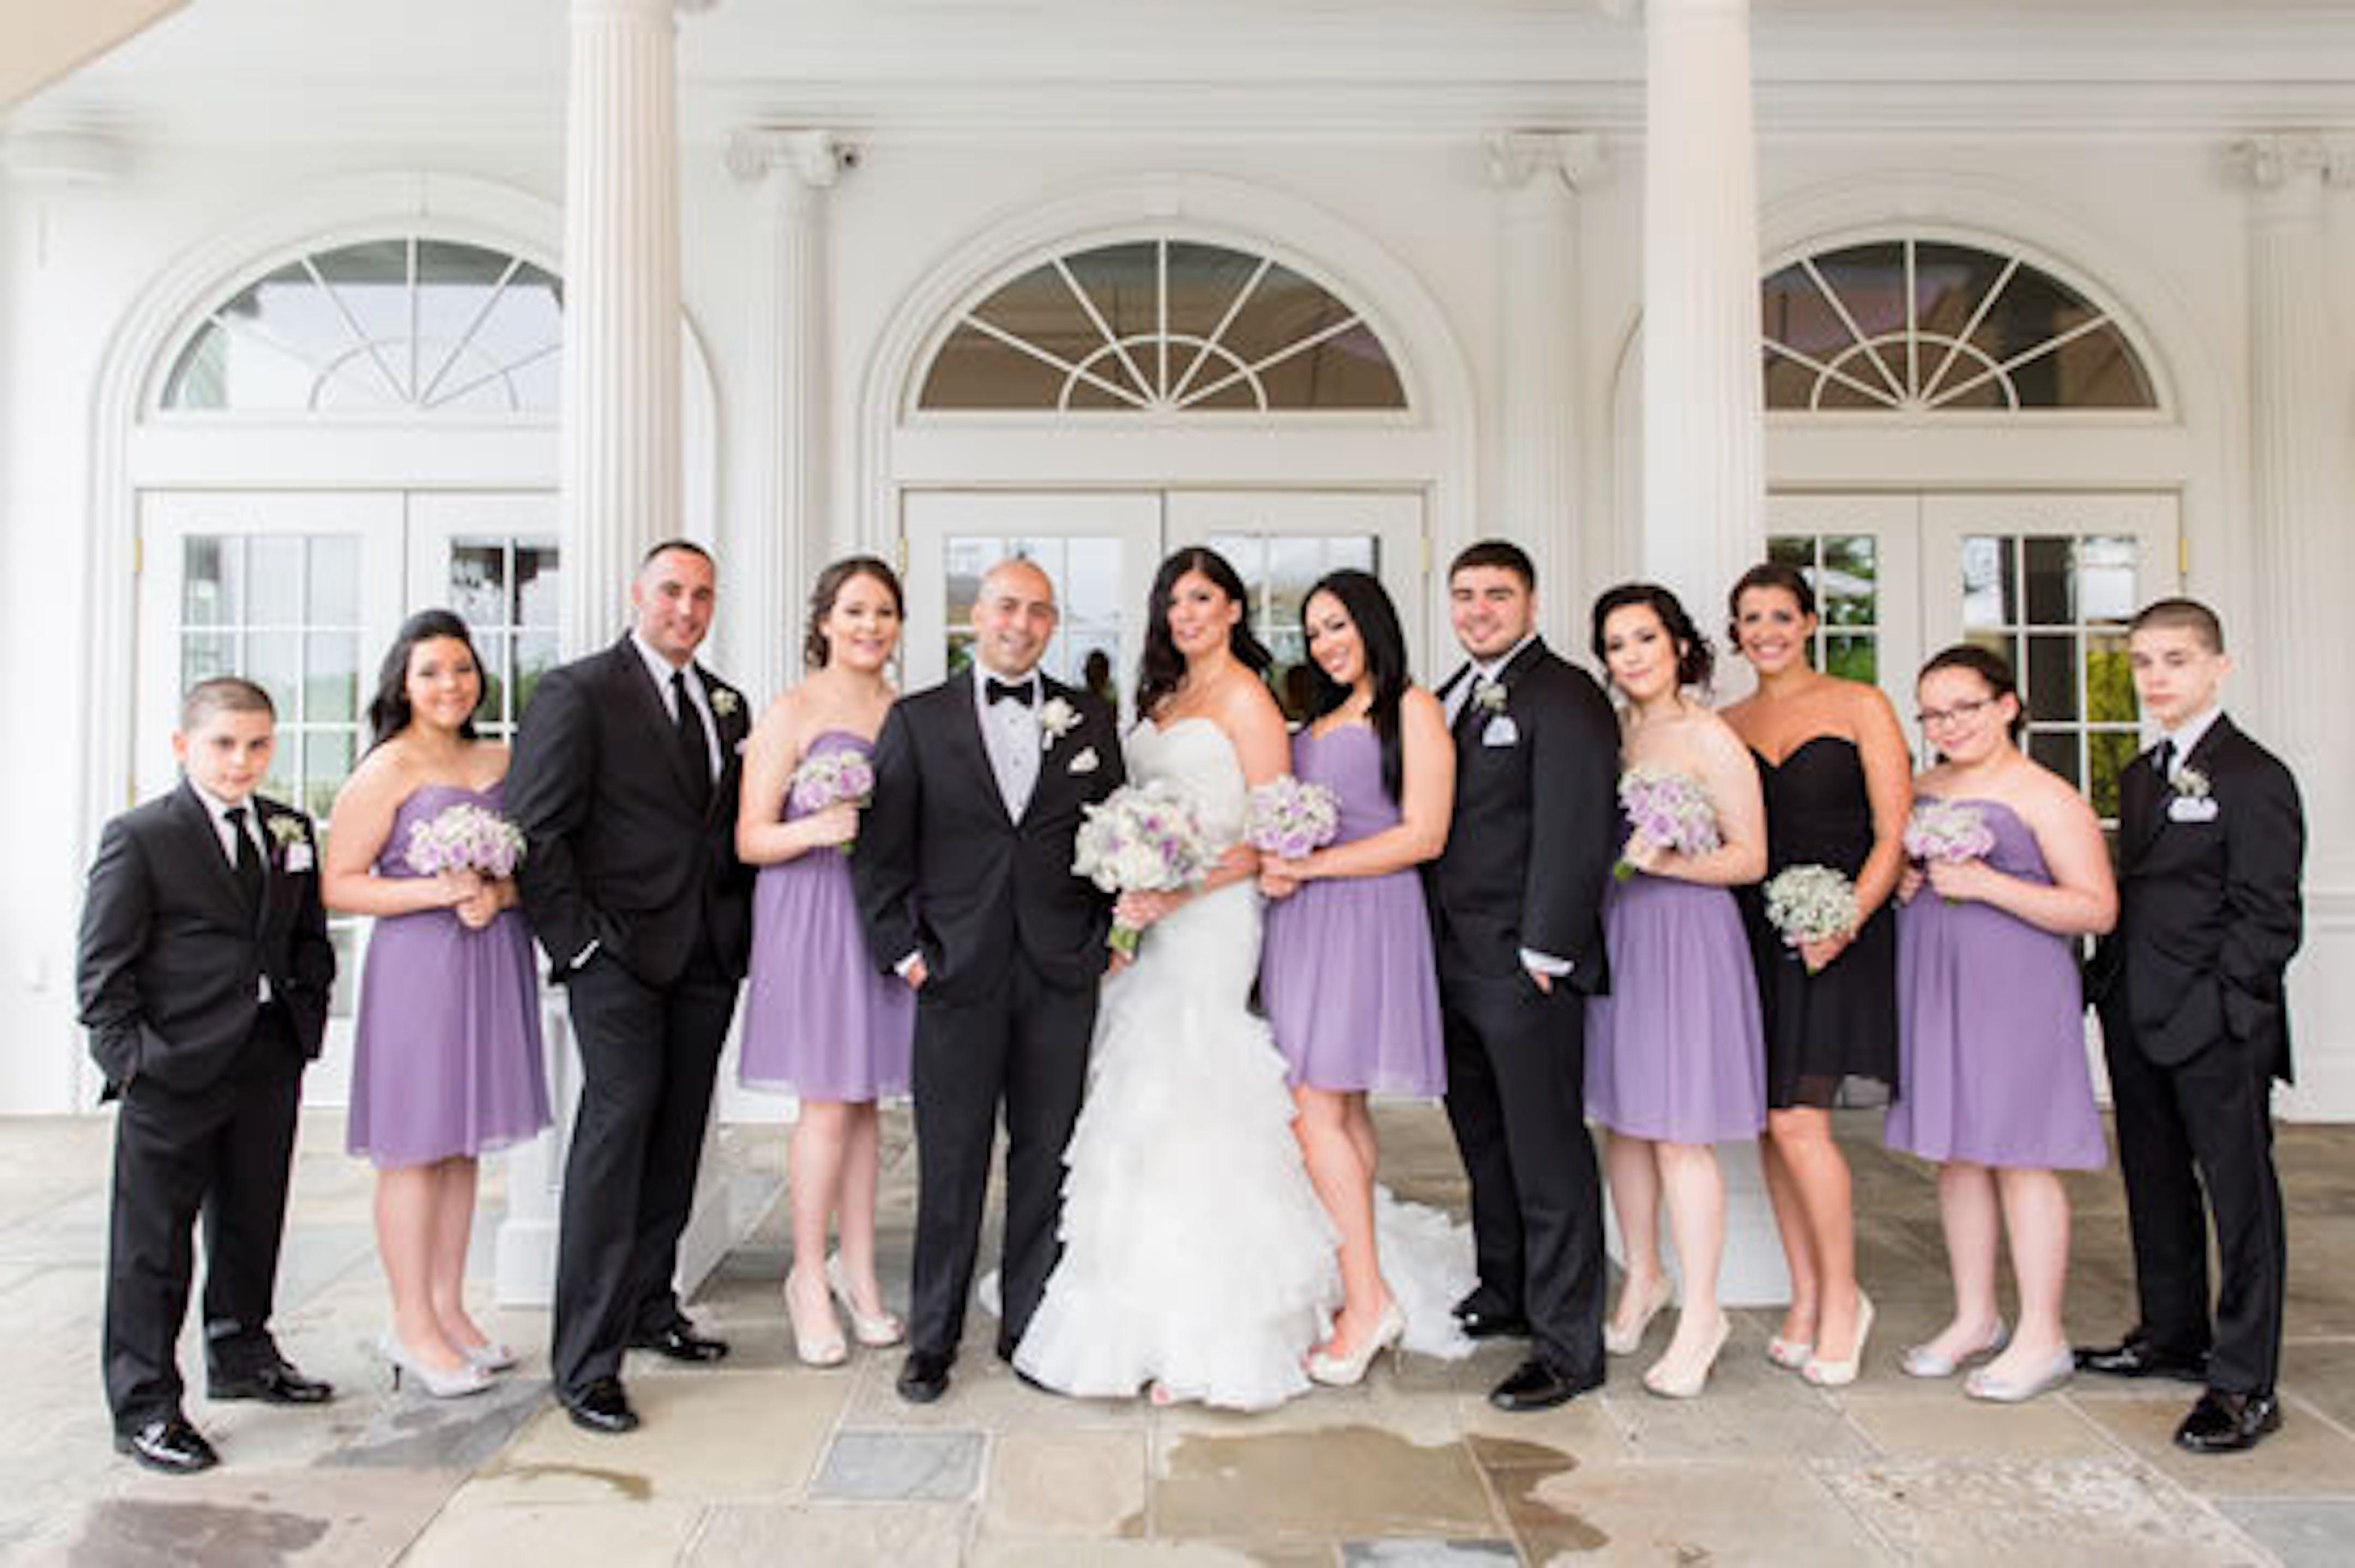 Pastel Colored Estate Wedding Lavender And Sage,Nordstrom Wedding Guest Dresses